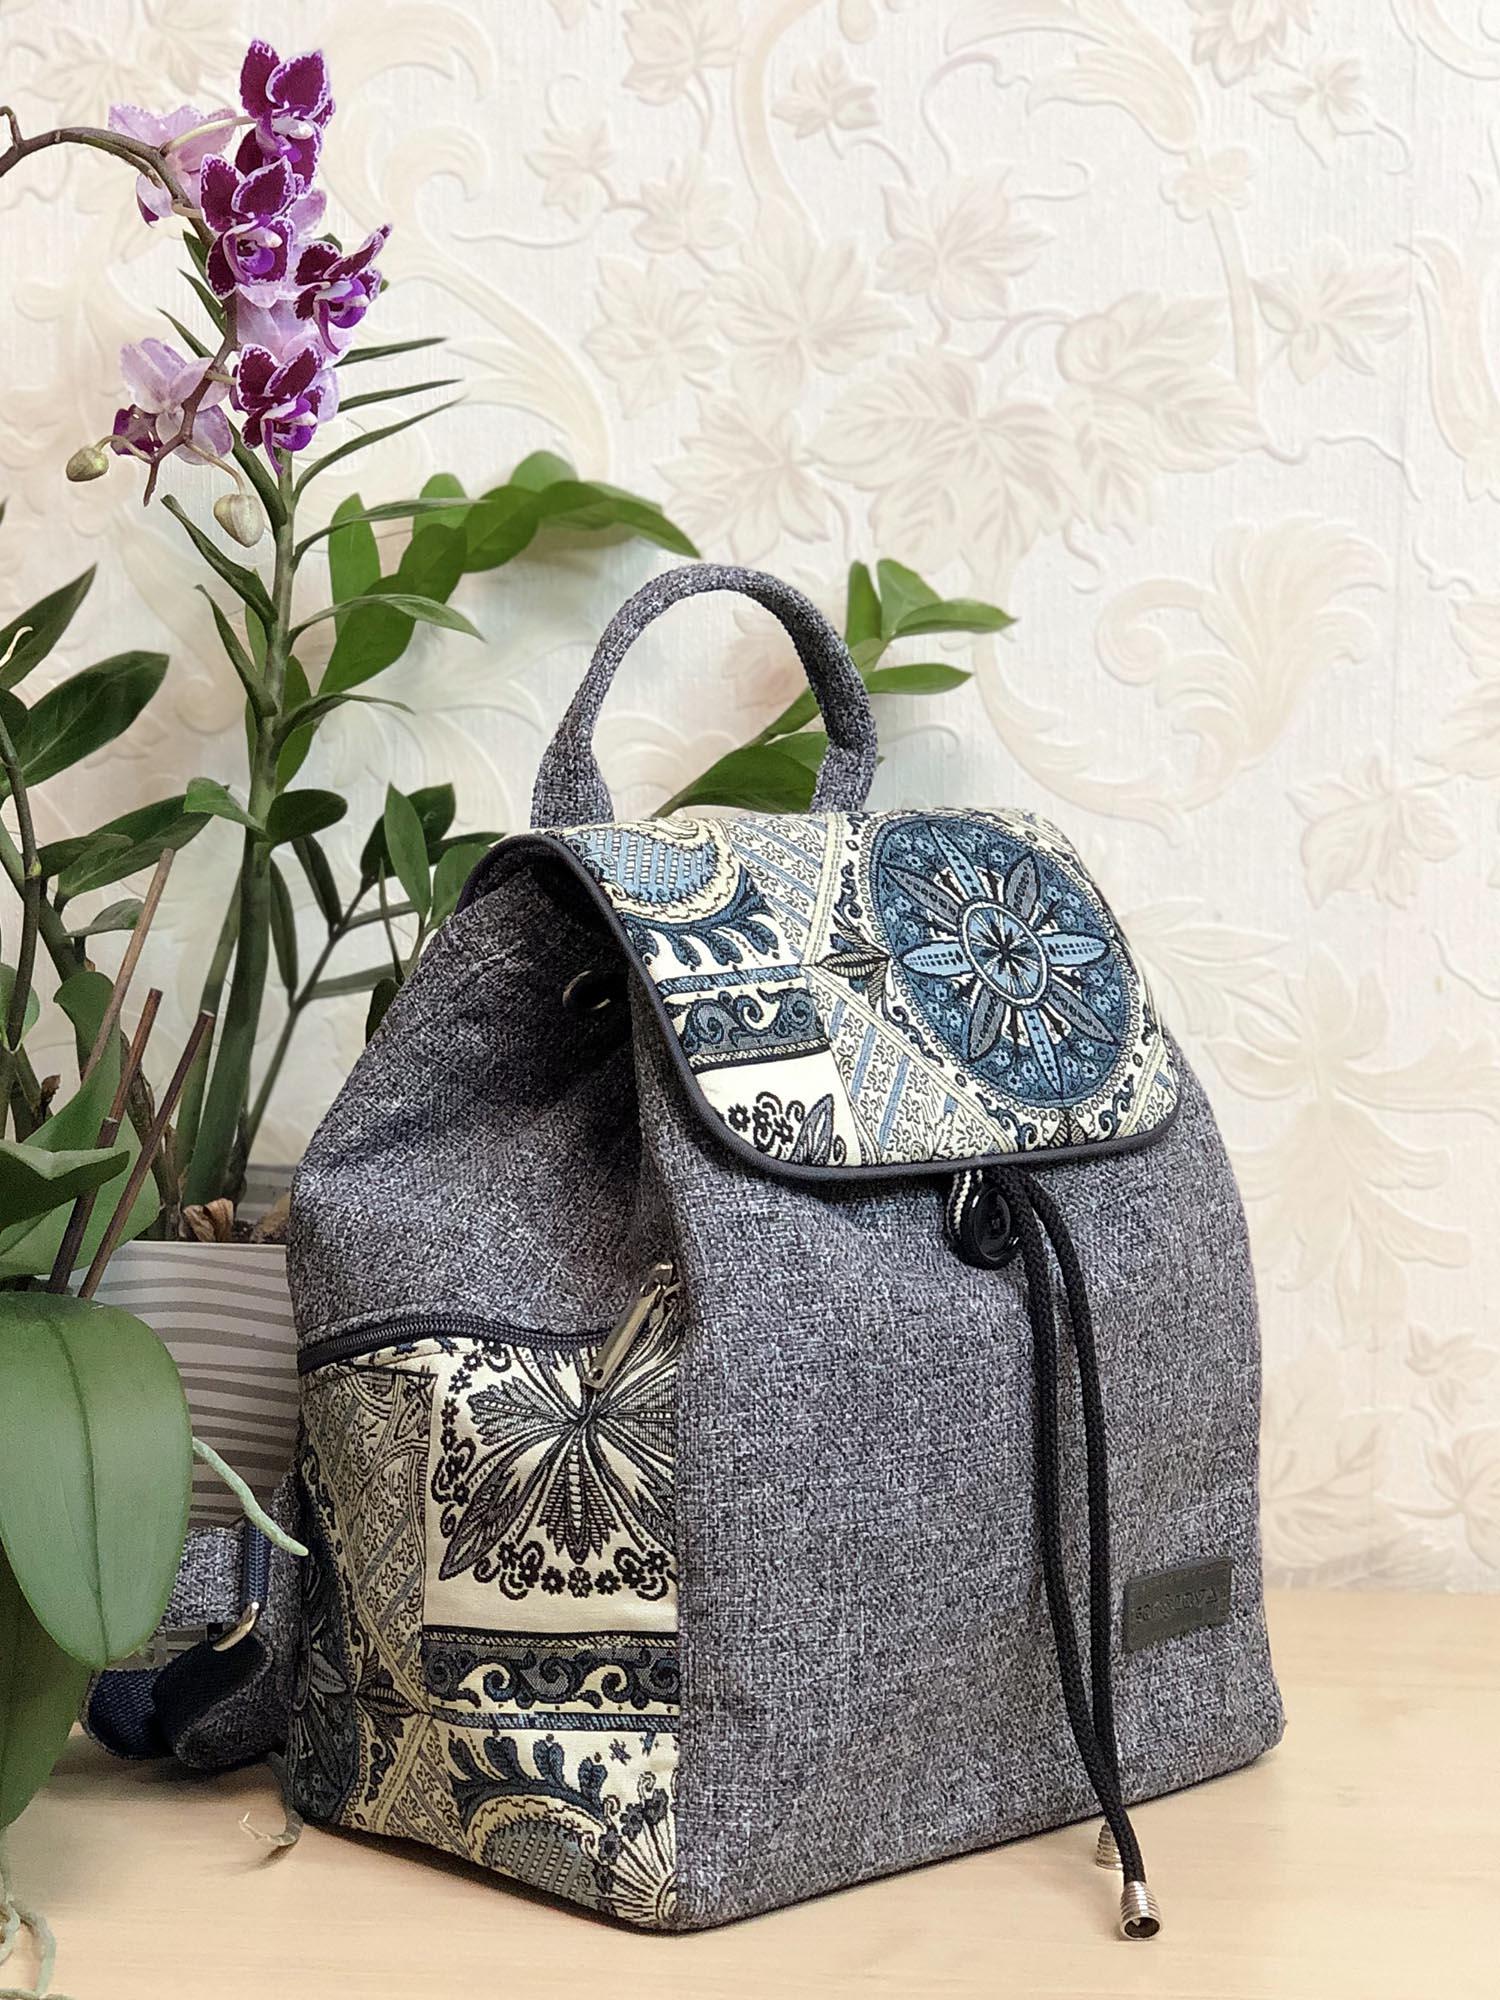 Рюкзак великий сірий з флористичними мотивами (15027)